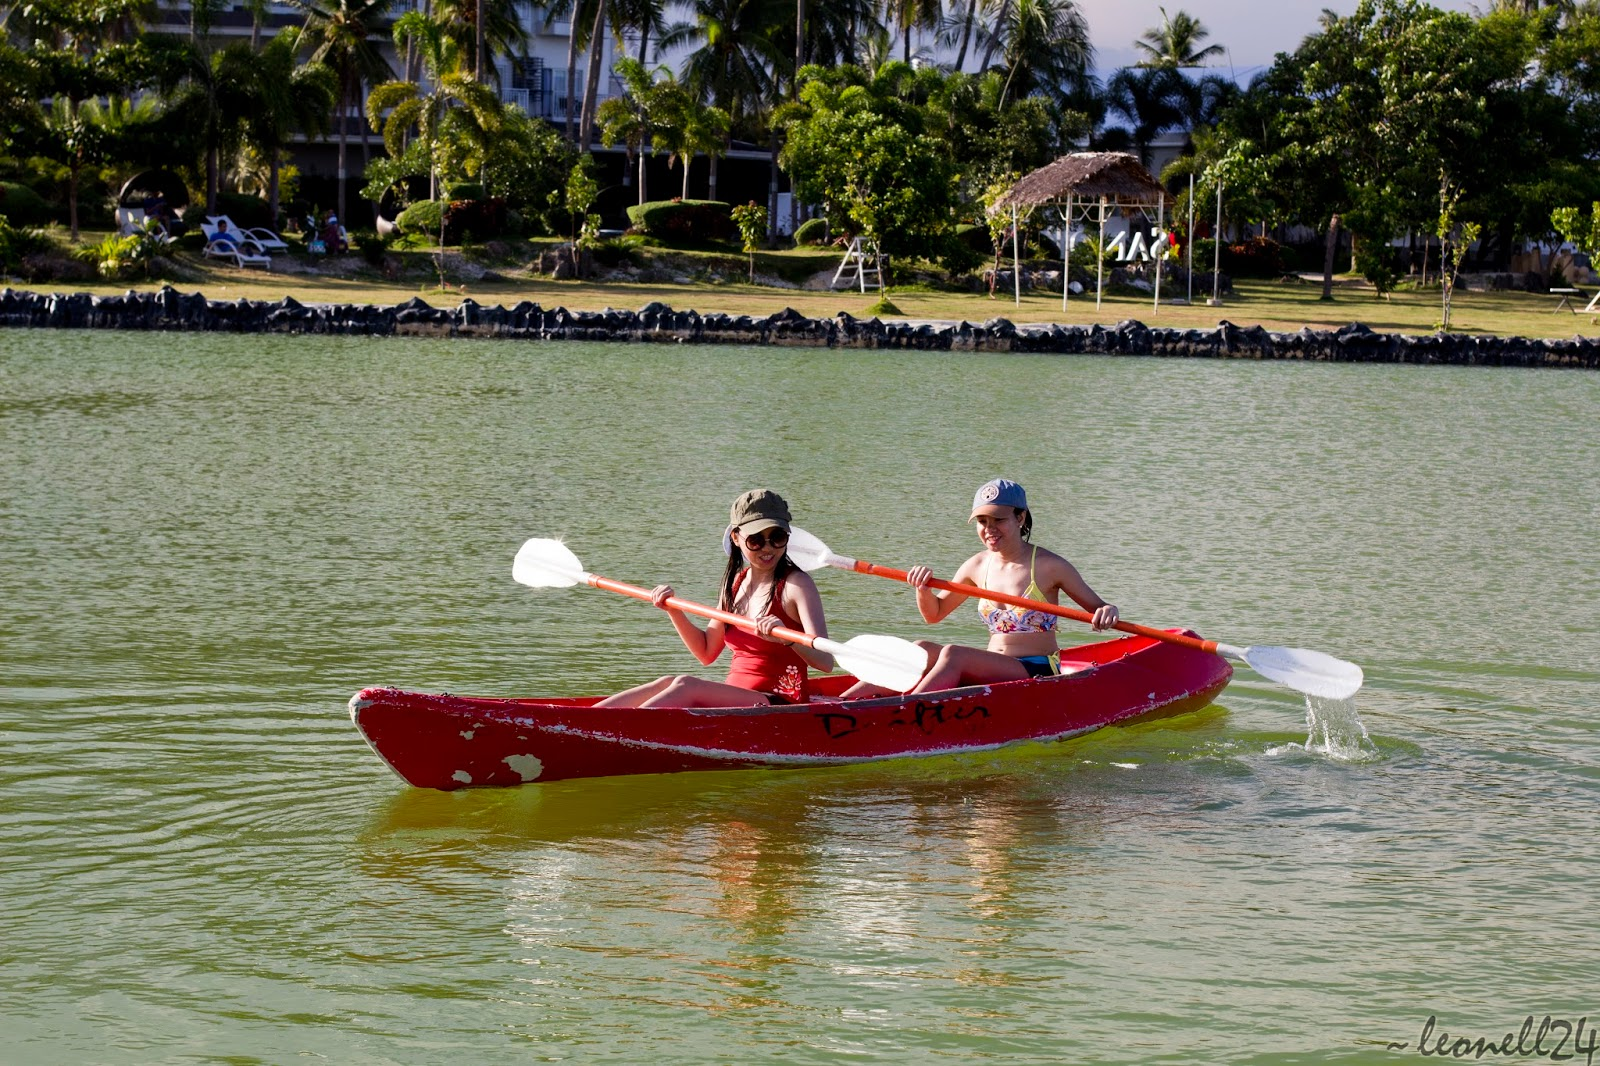 kayak fun activity